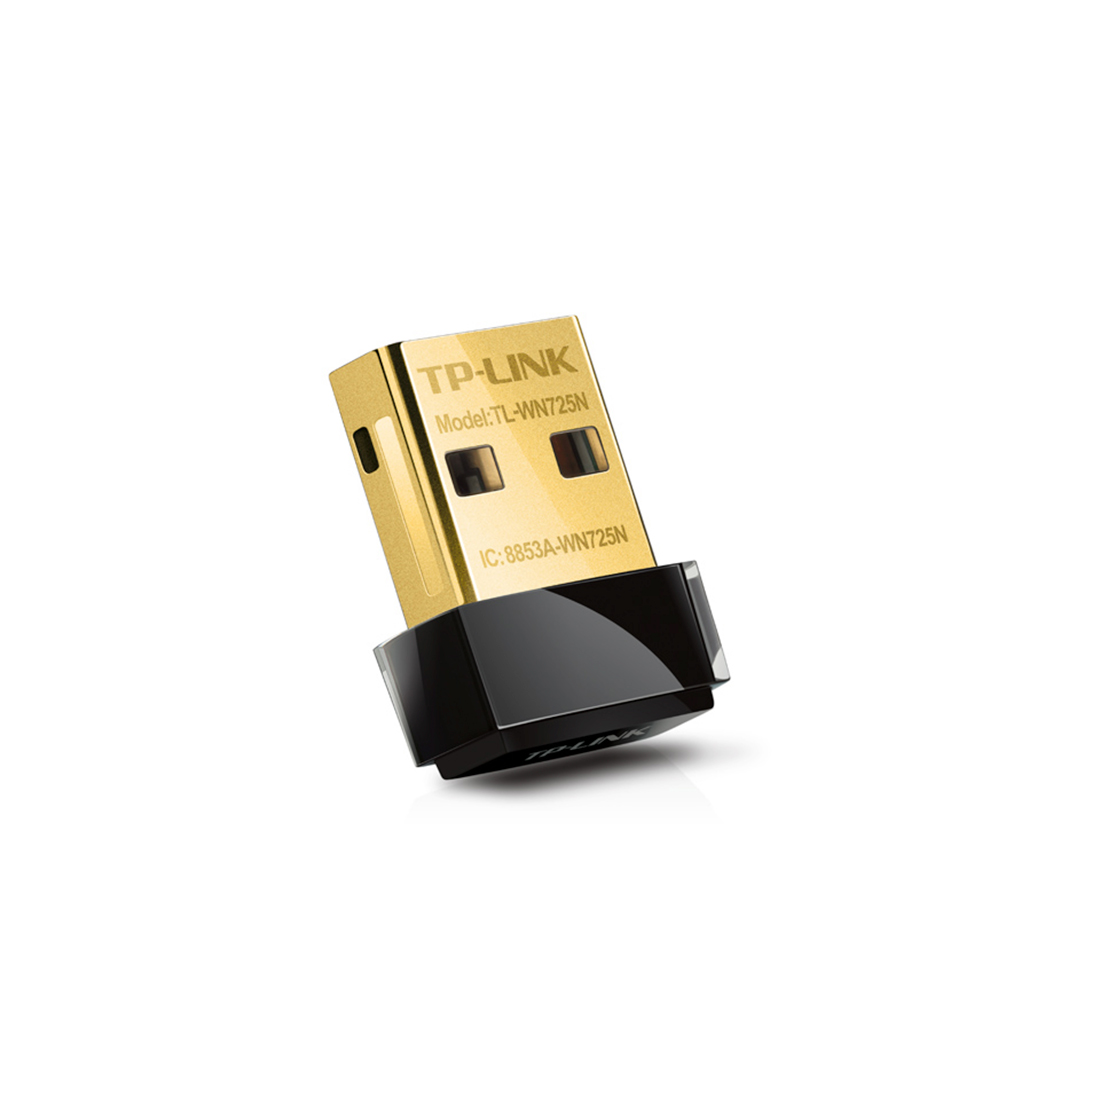 USB адаптер TP-Link TL-WN725N